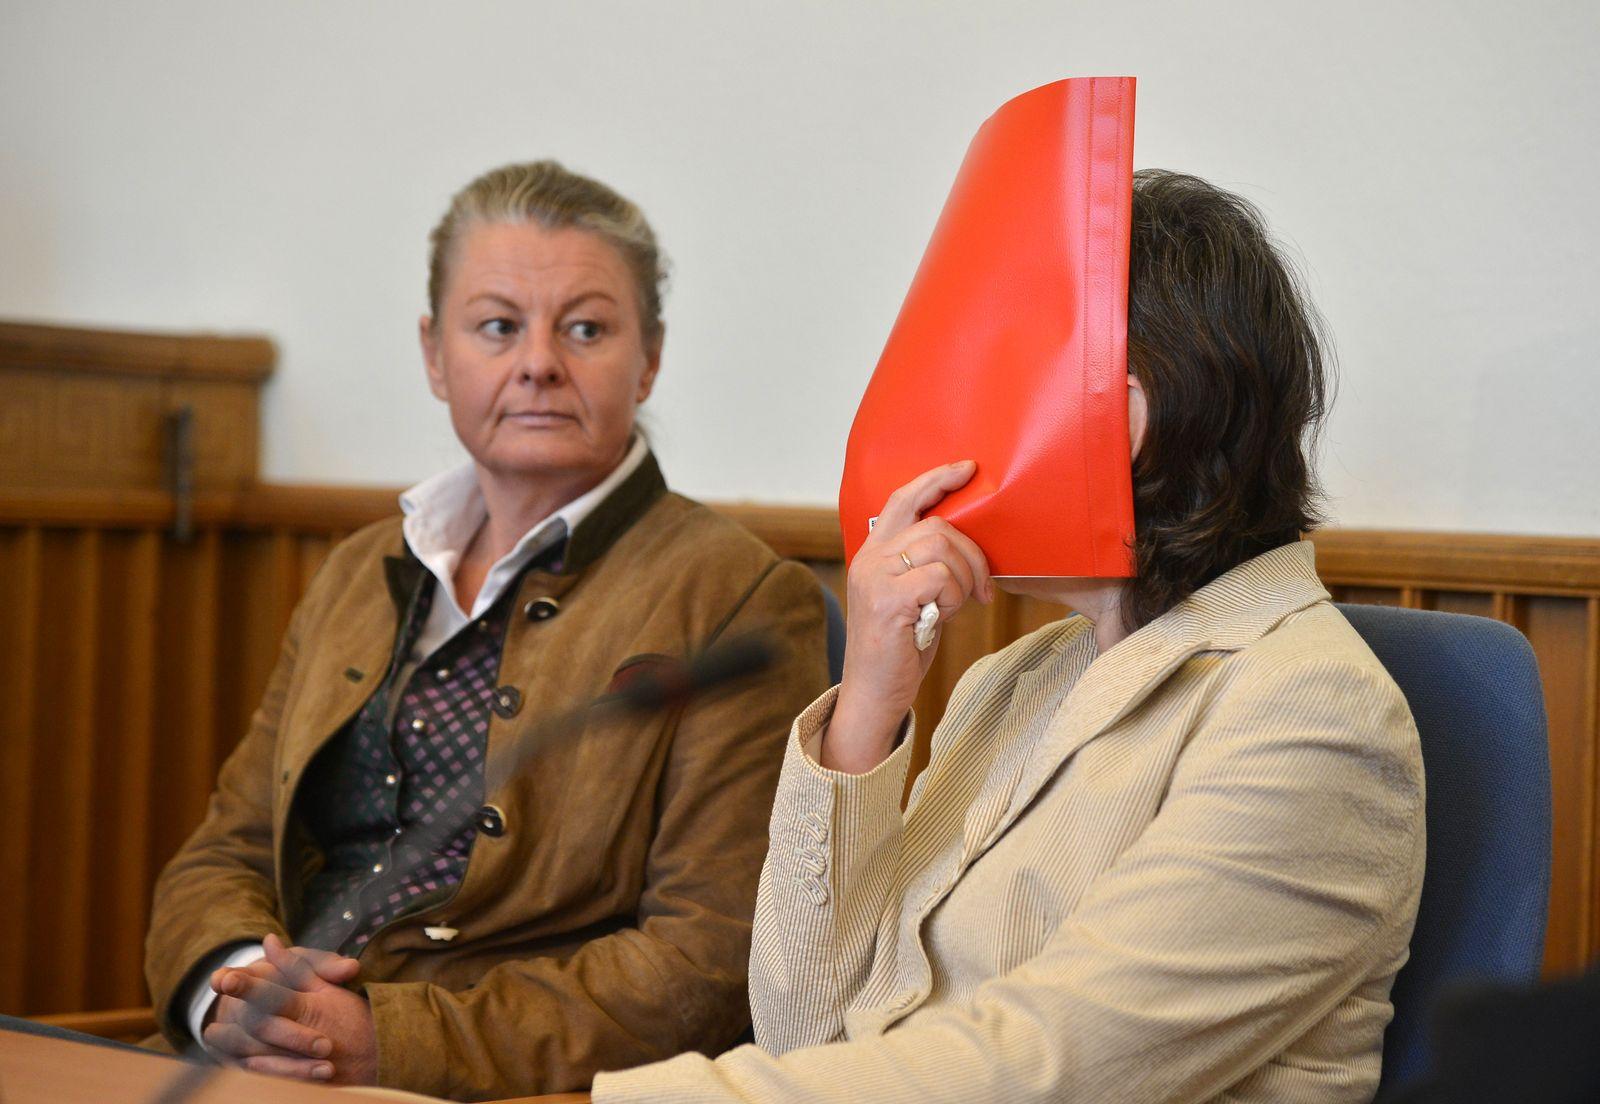 NICHT VERWENDEN Großmutter wegen Totschlags der Enkelin vor Gericht